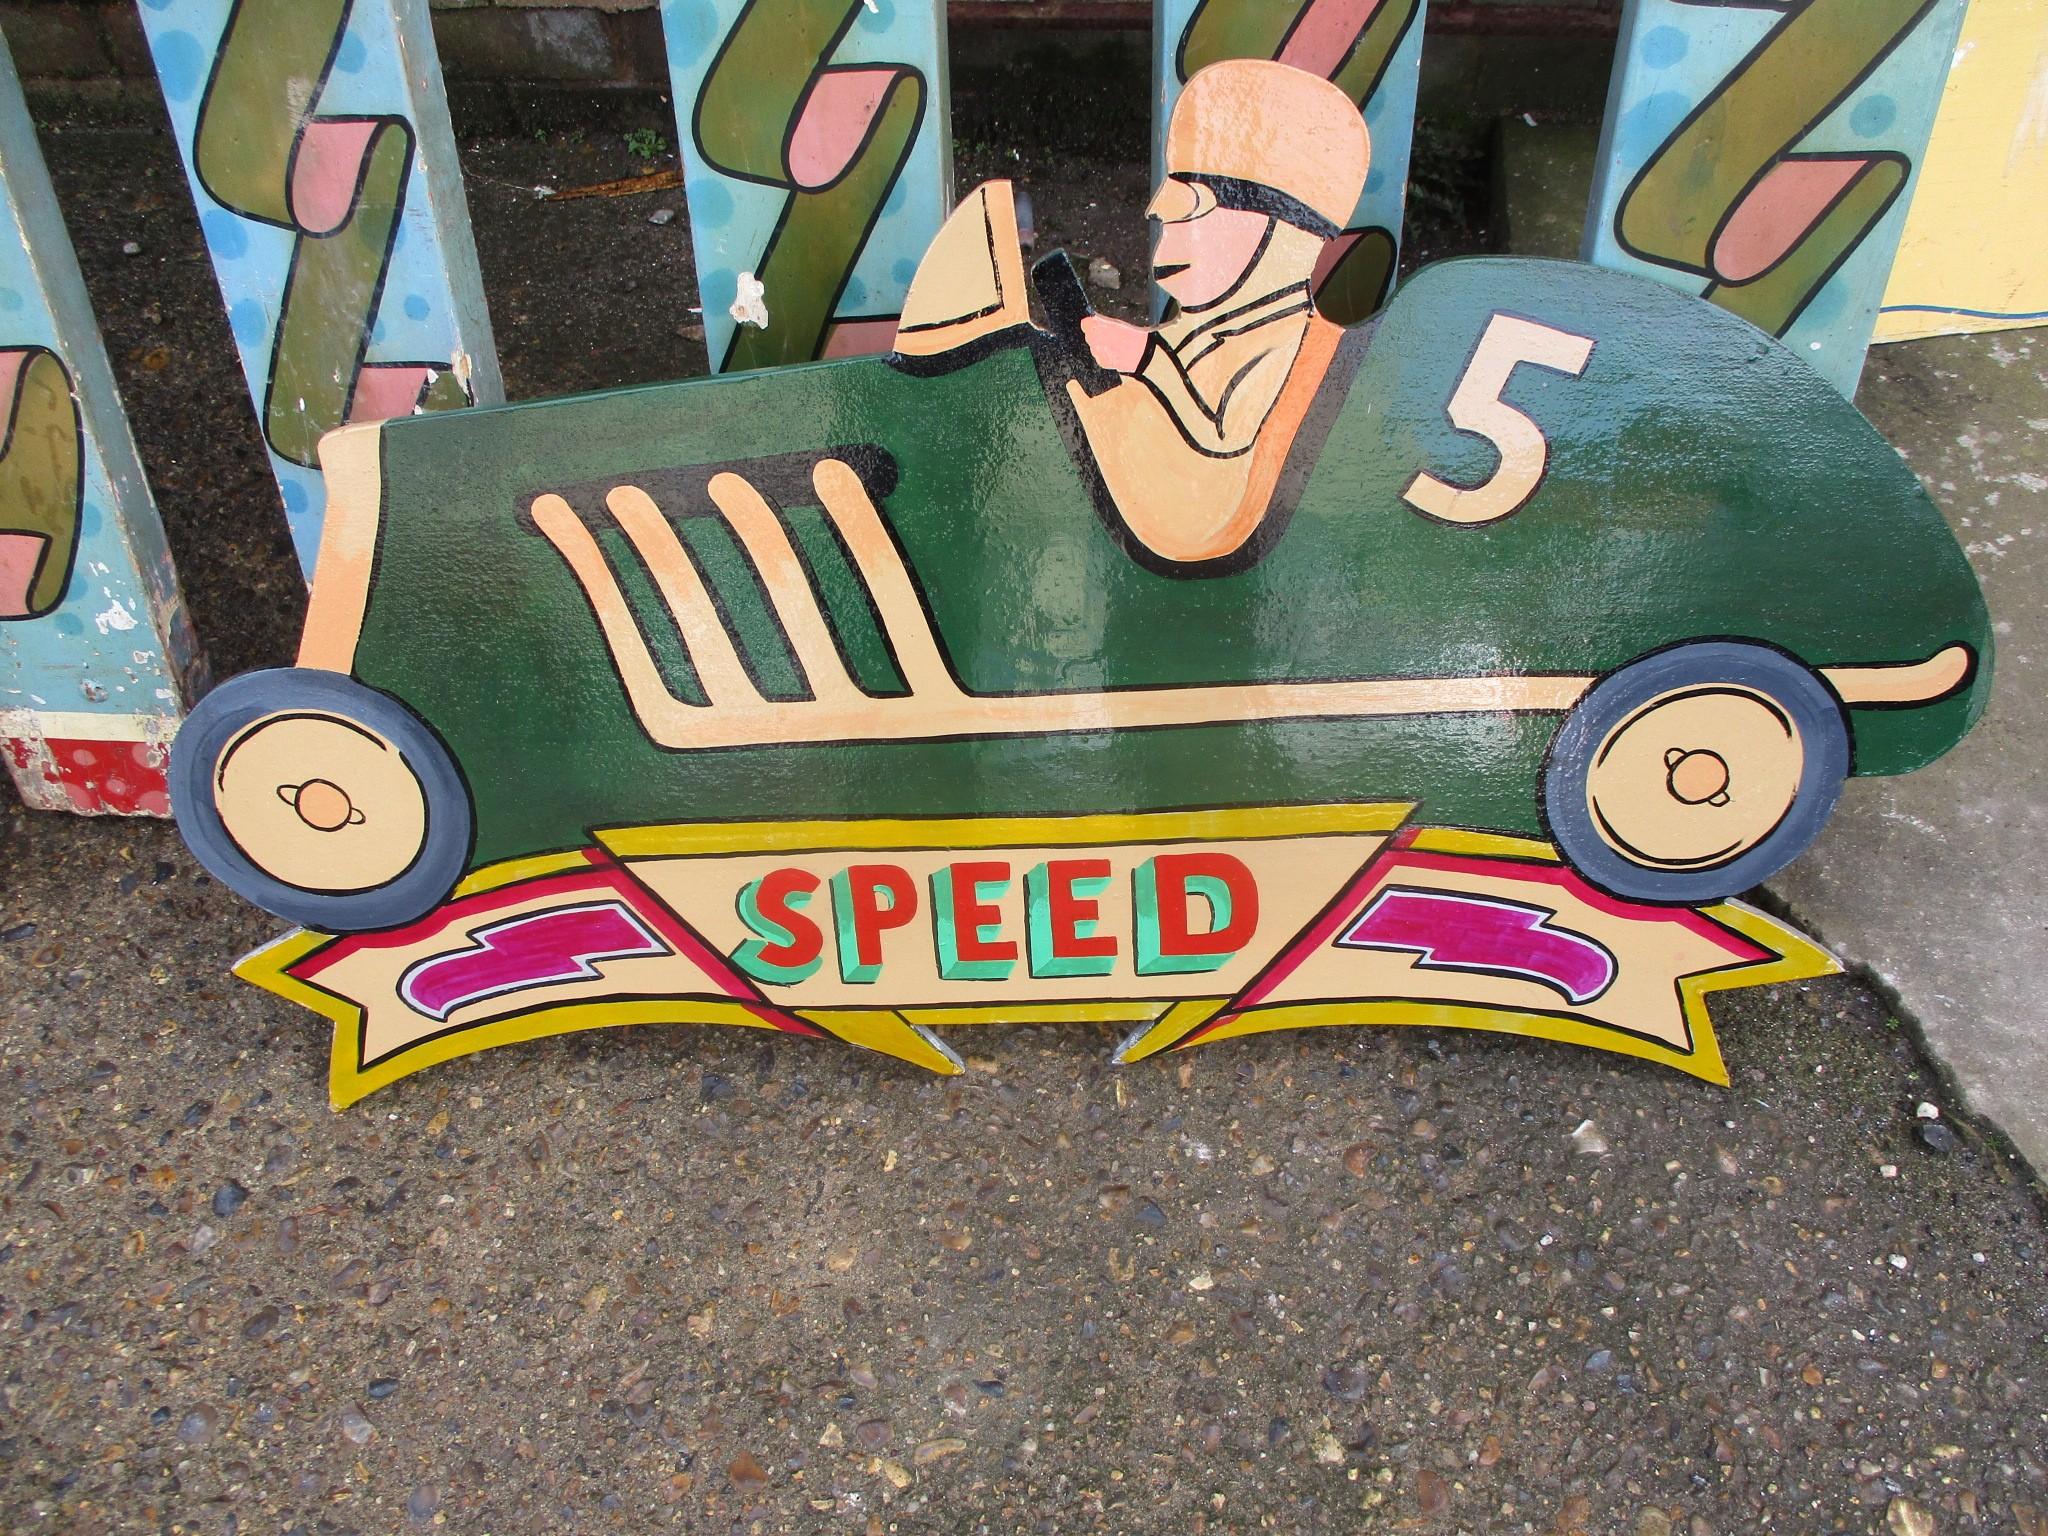 Fairground Ride signage